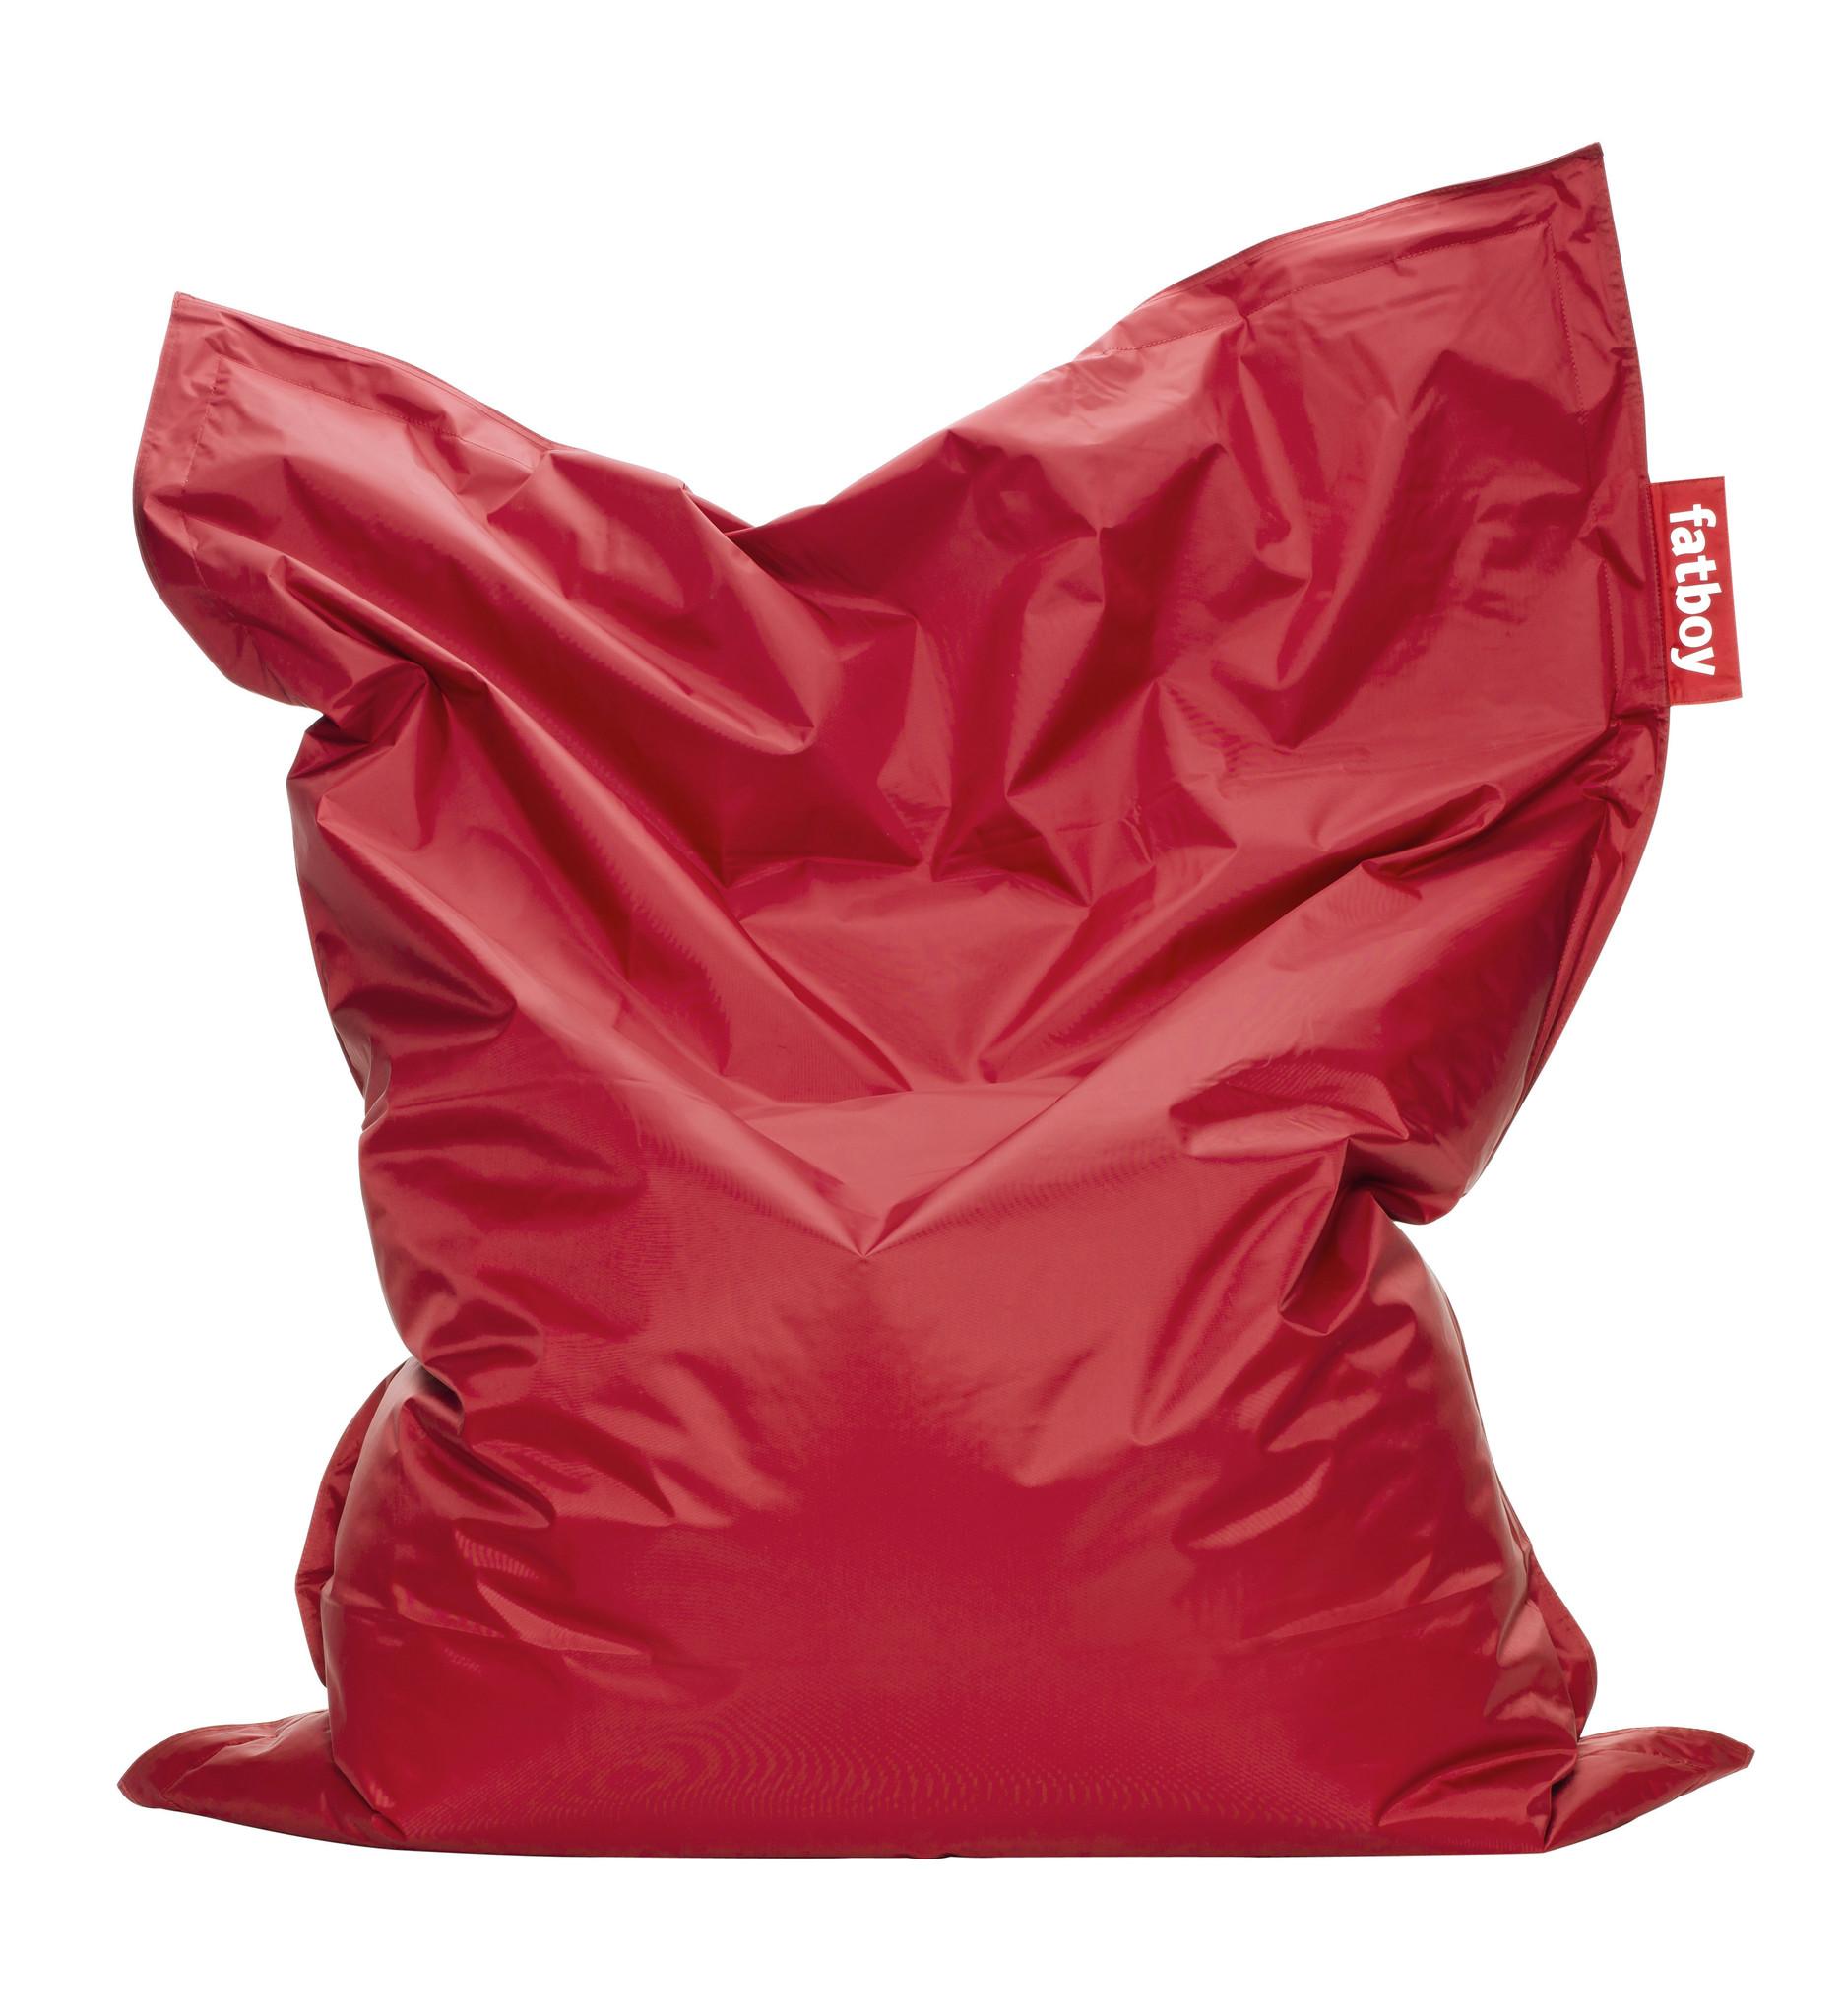 Fatboy Beanbag The Original red